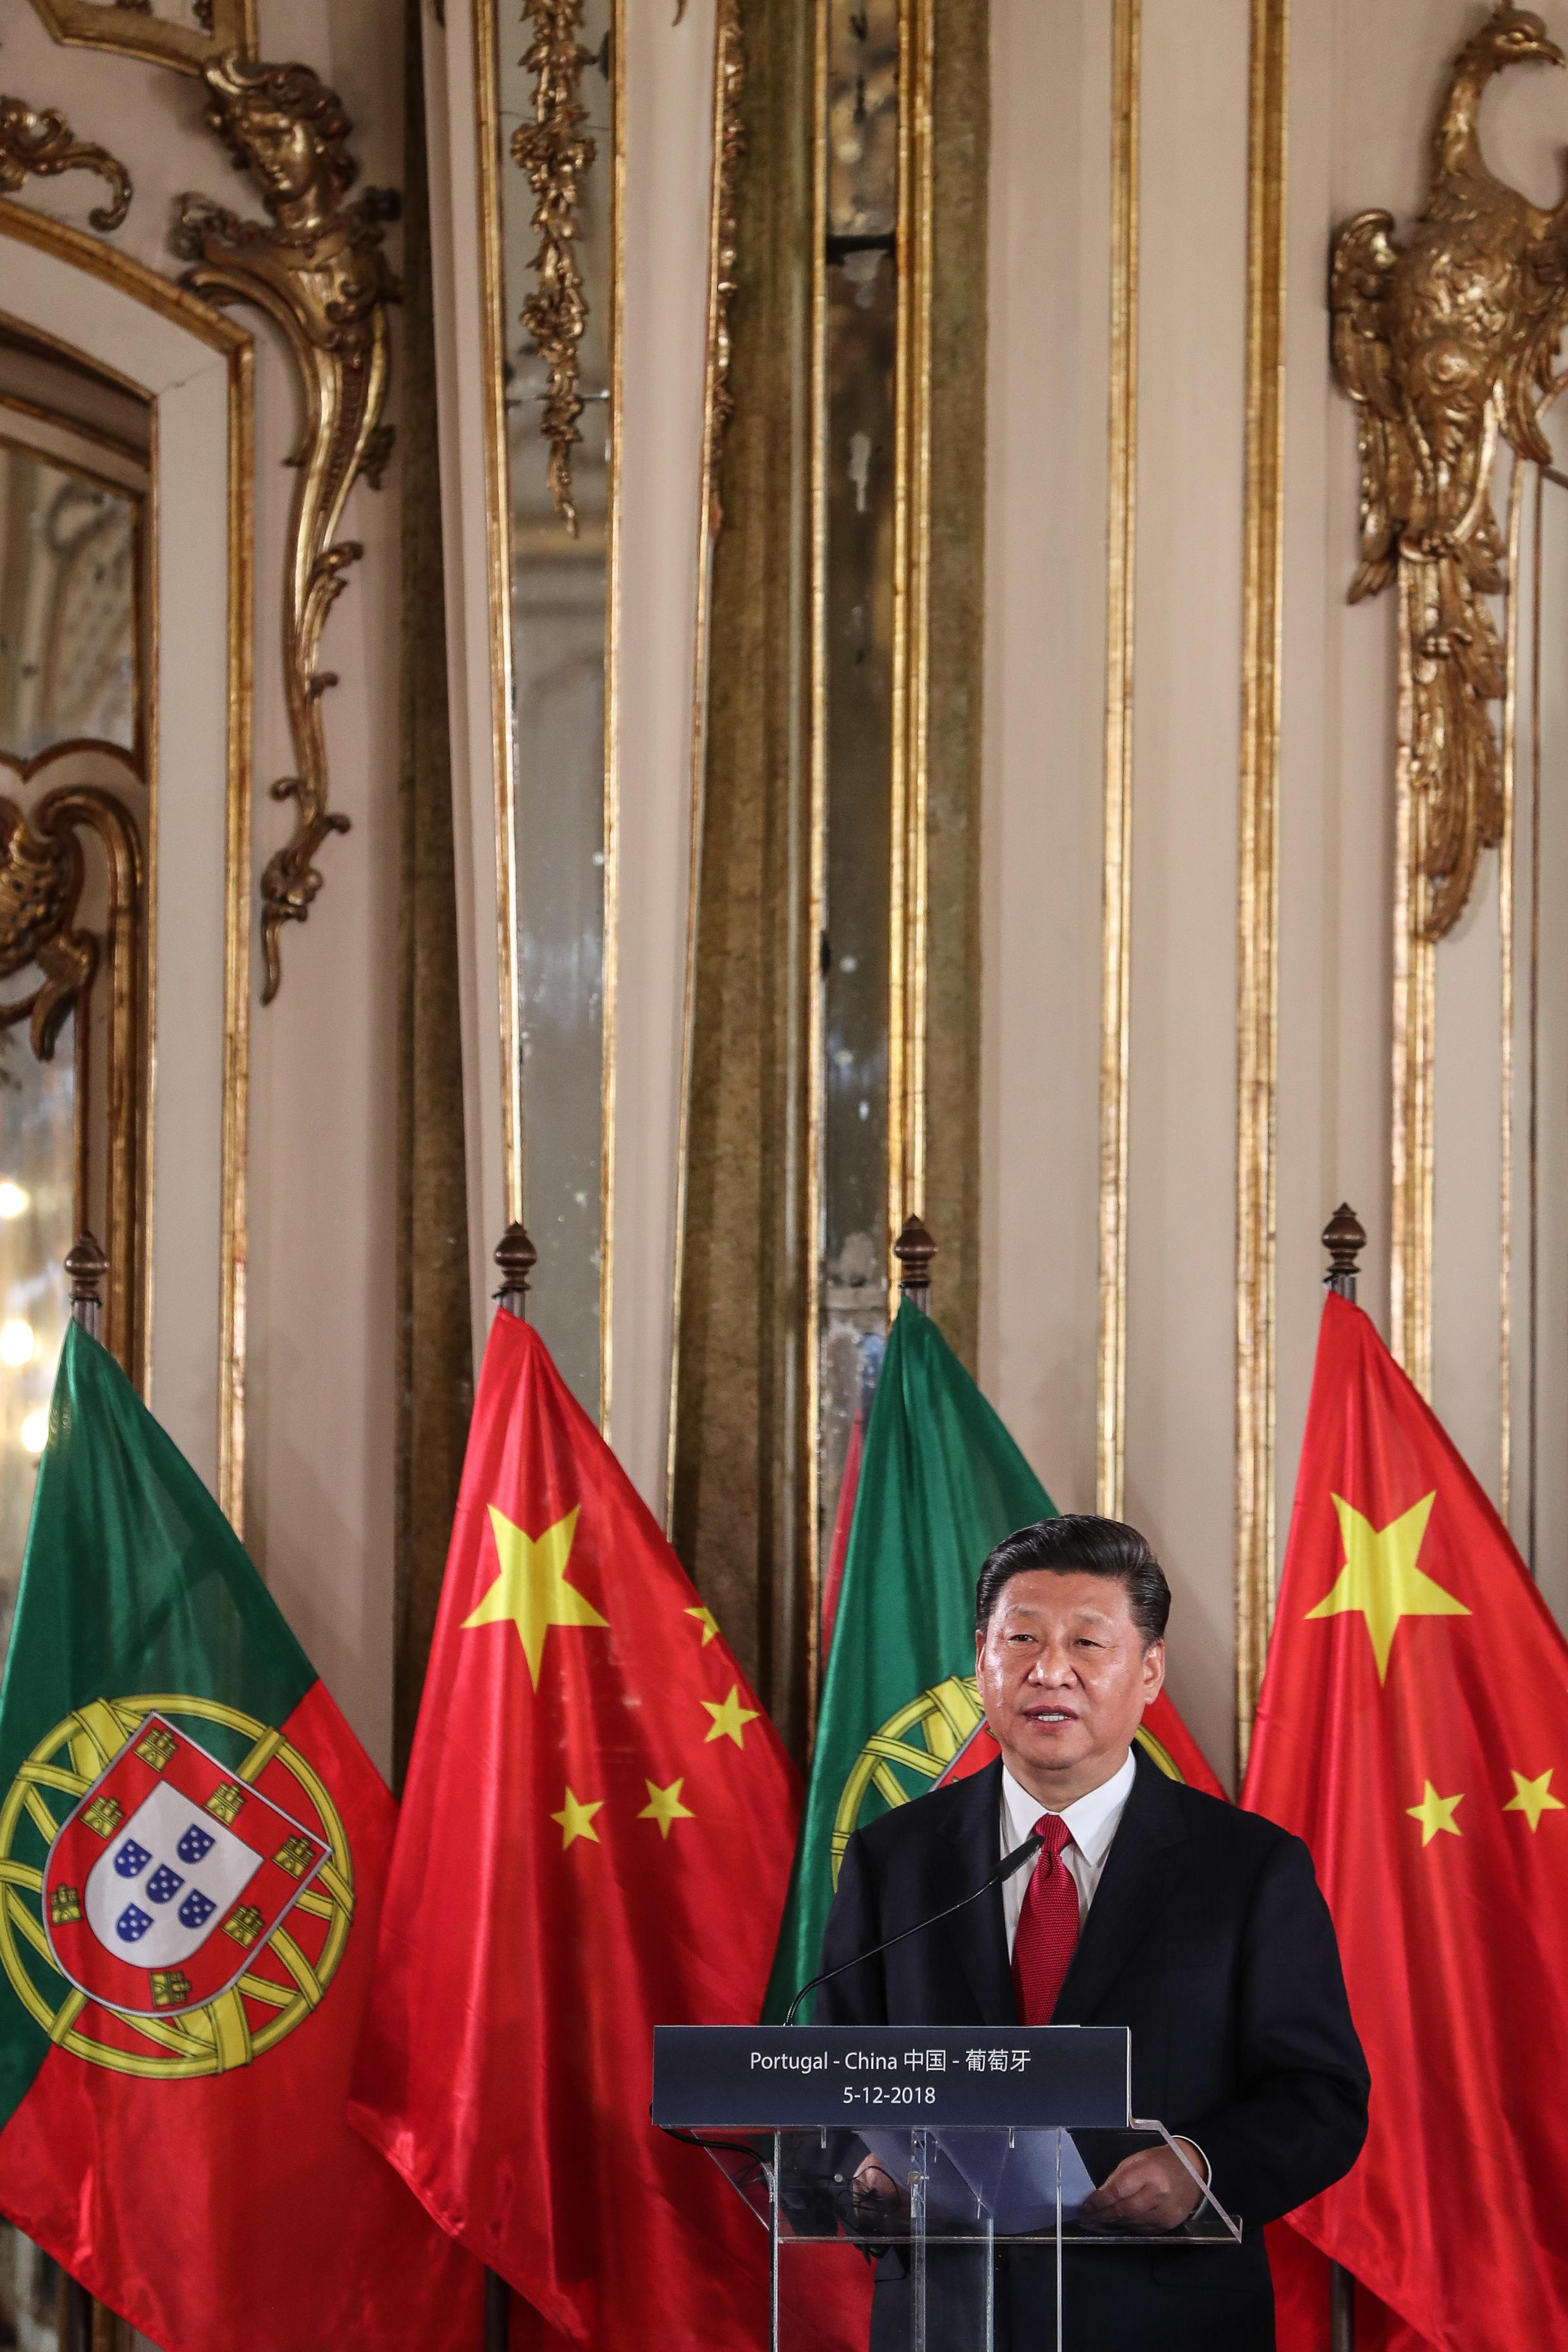 Presidente chinês Xi Jinping em conferência de imprensa no Palácio de Queluz, em Portugal, a 5 de Dezembro de 2018.